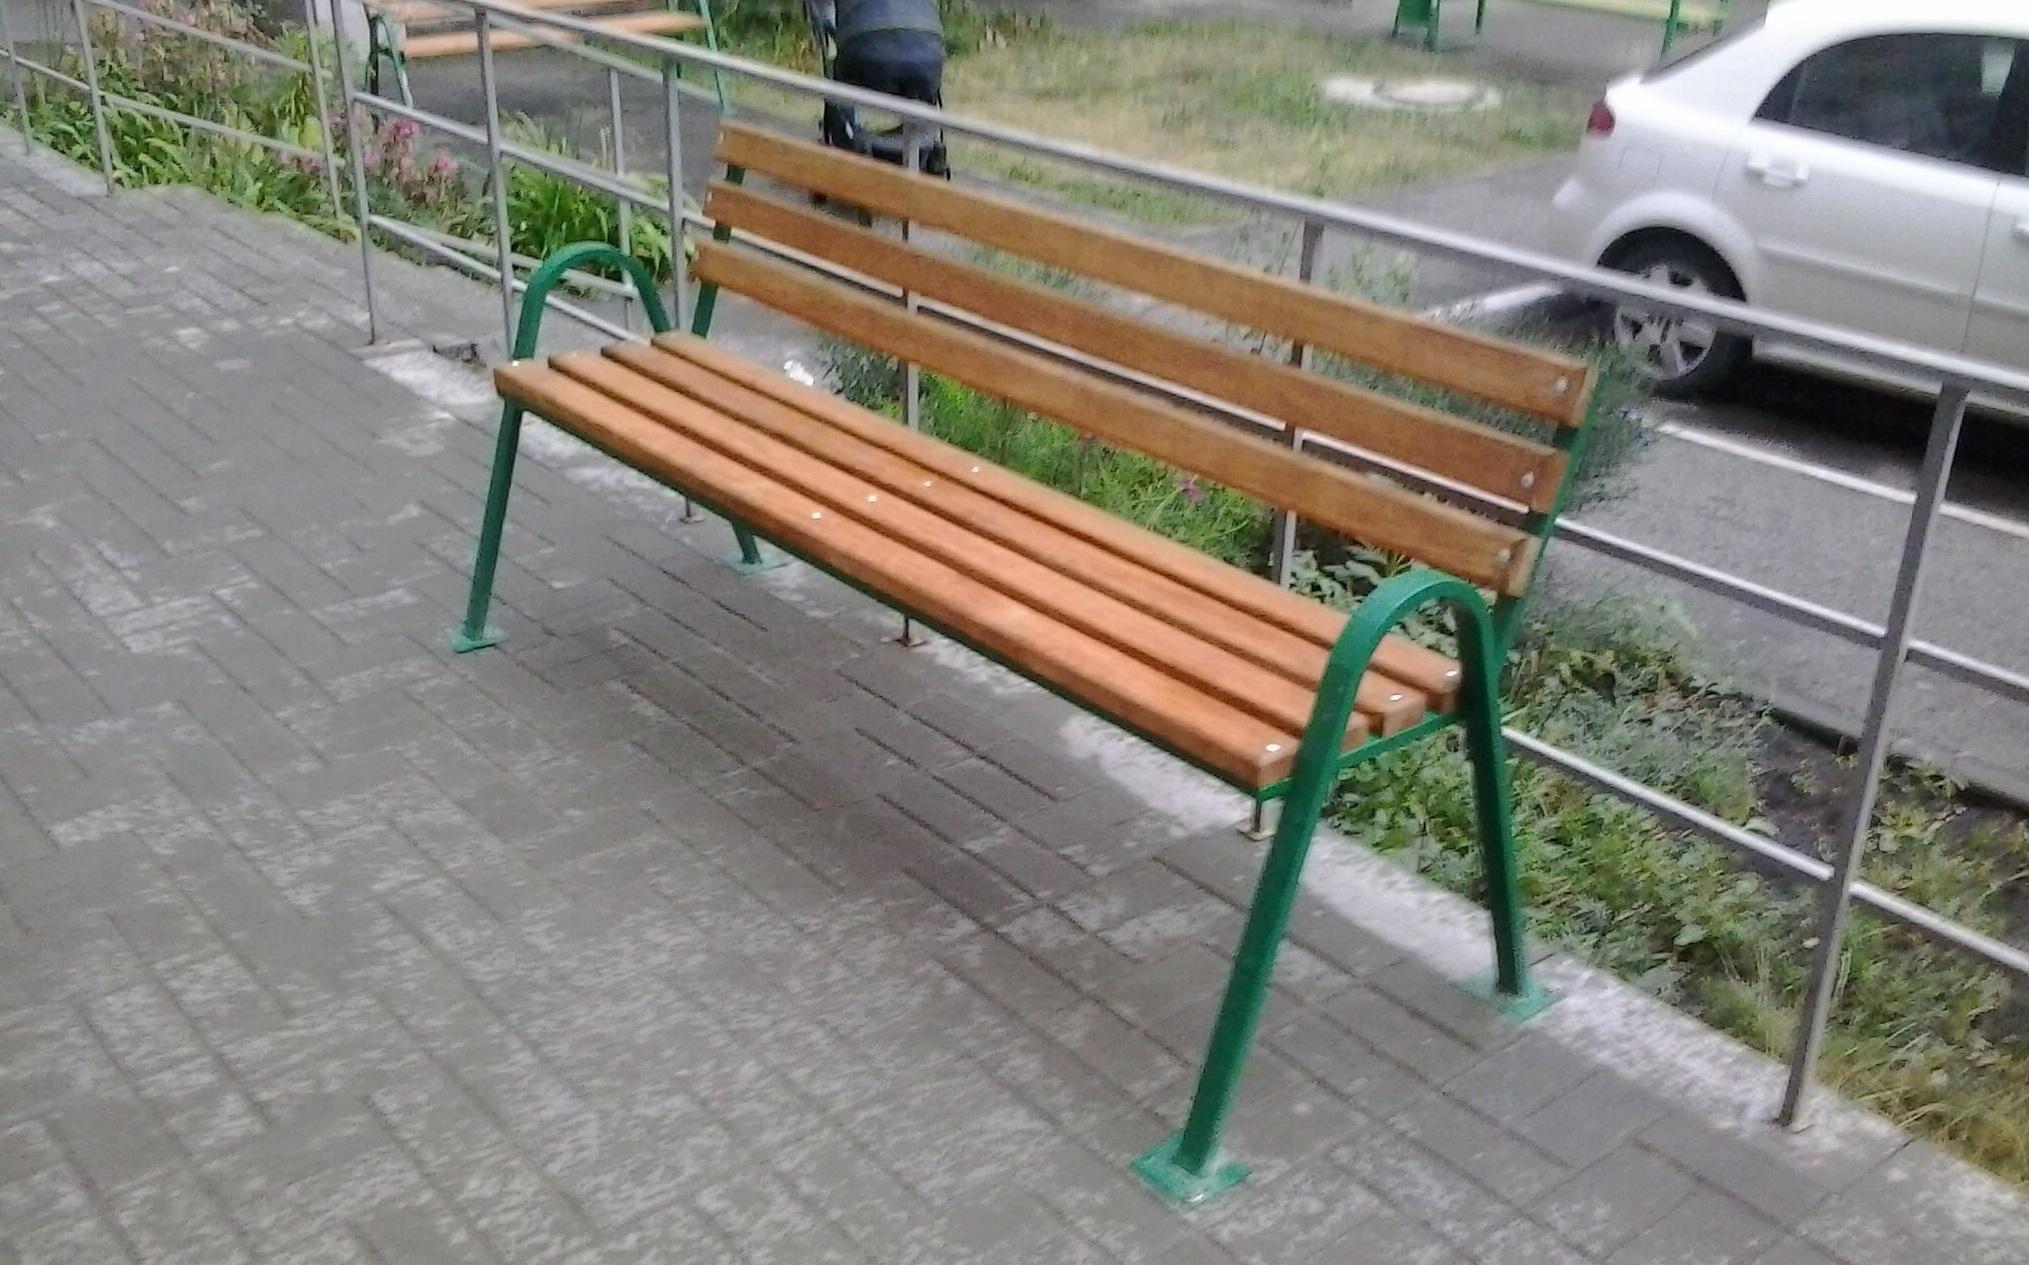 стильно смотрятся скамейки из труб фото сайте регулярно действуют